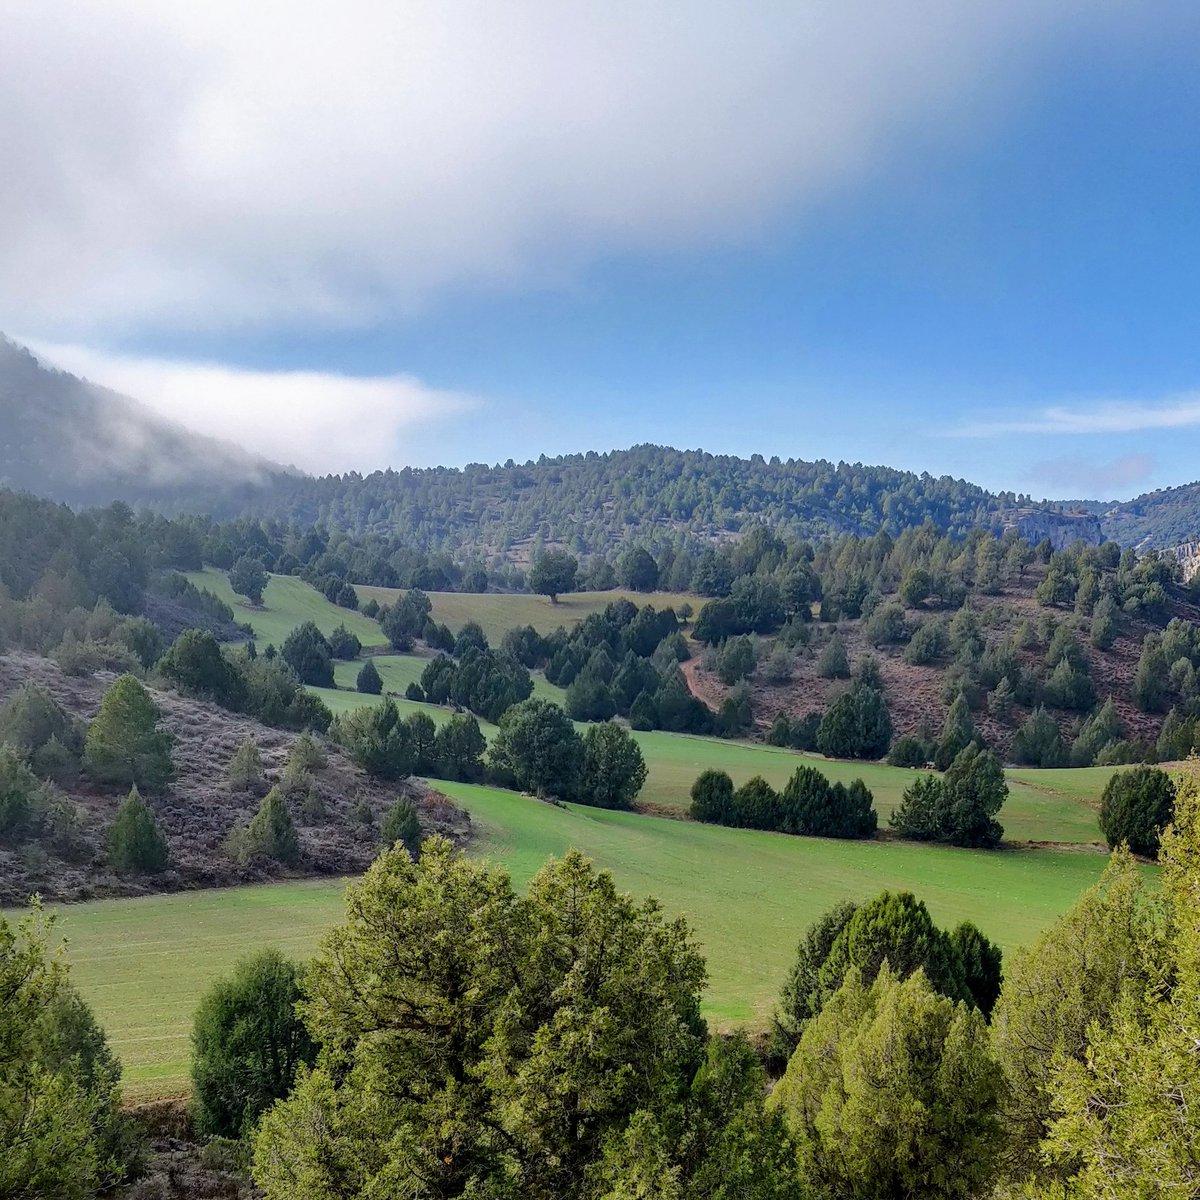 Qué sería del paisaje sin el paisanaje #COP25